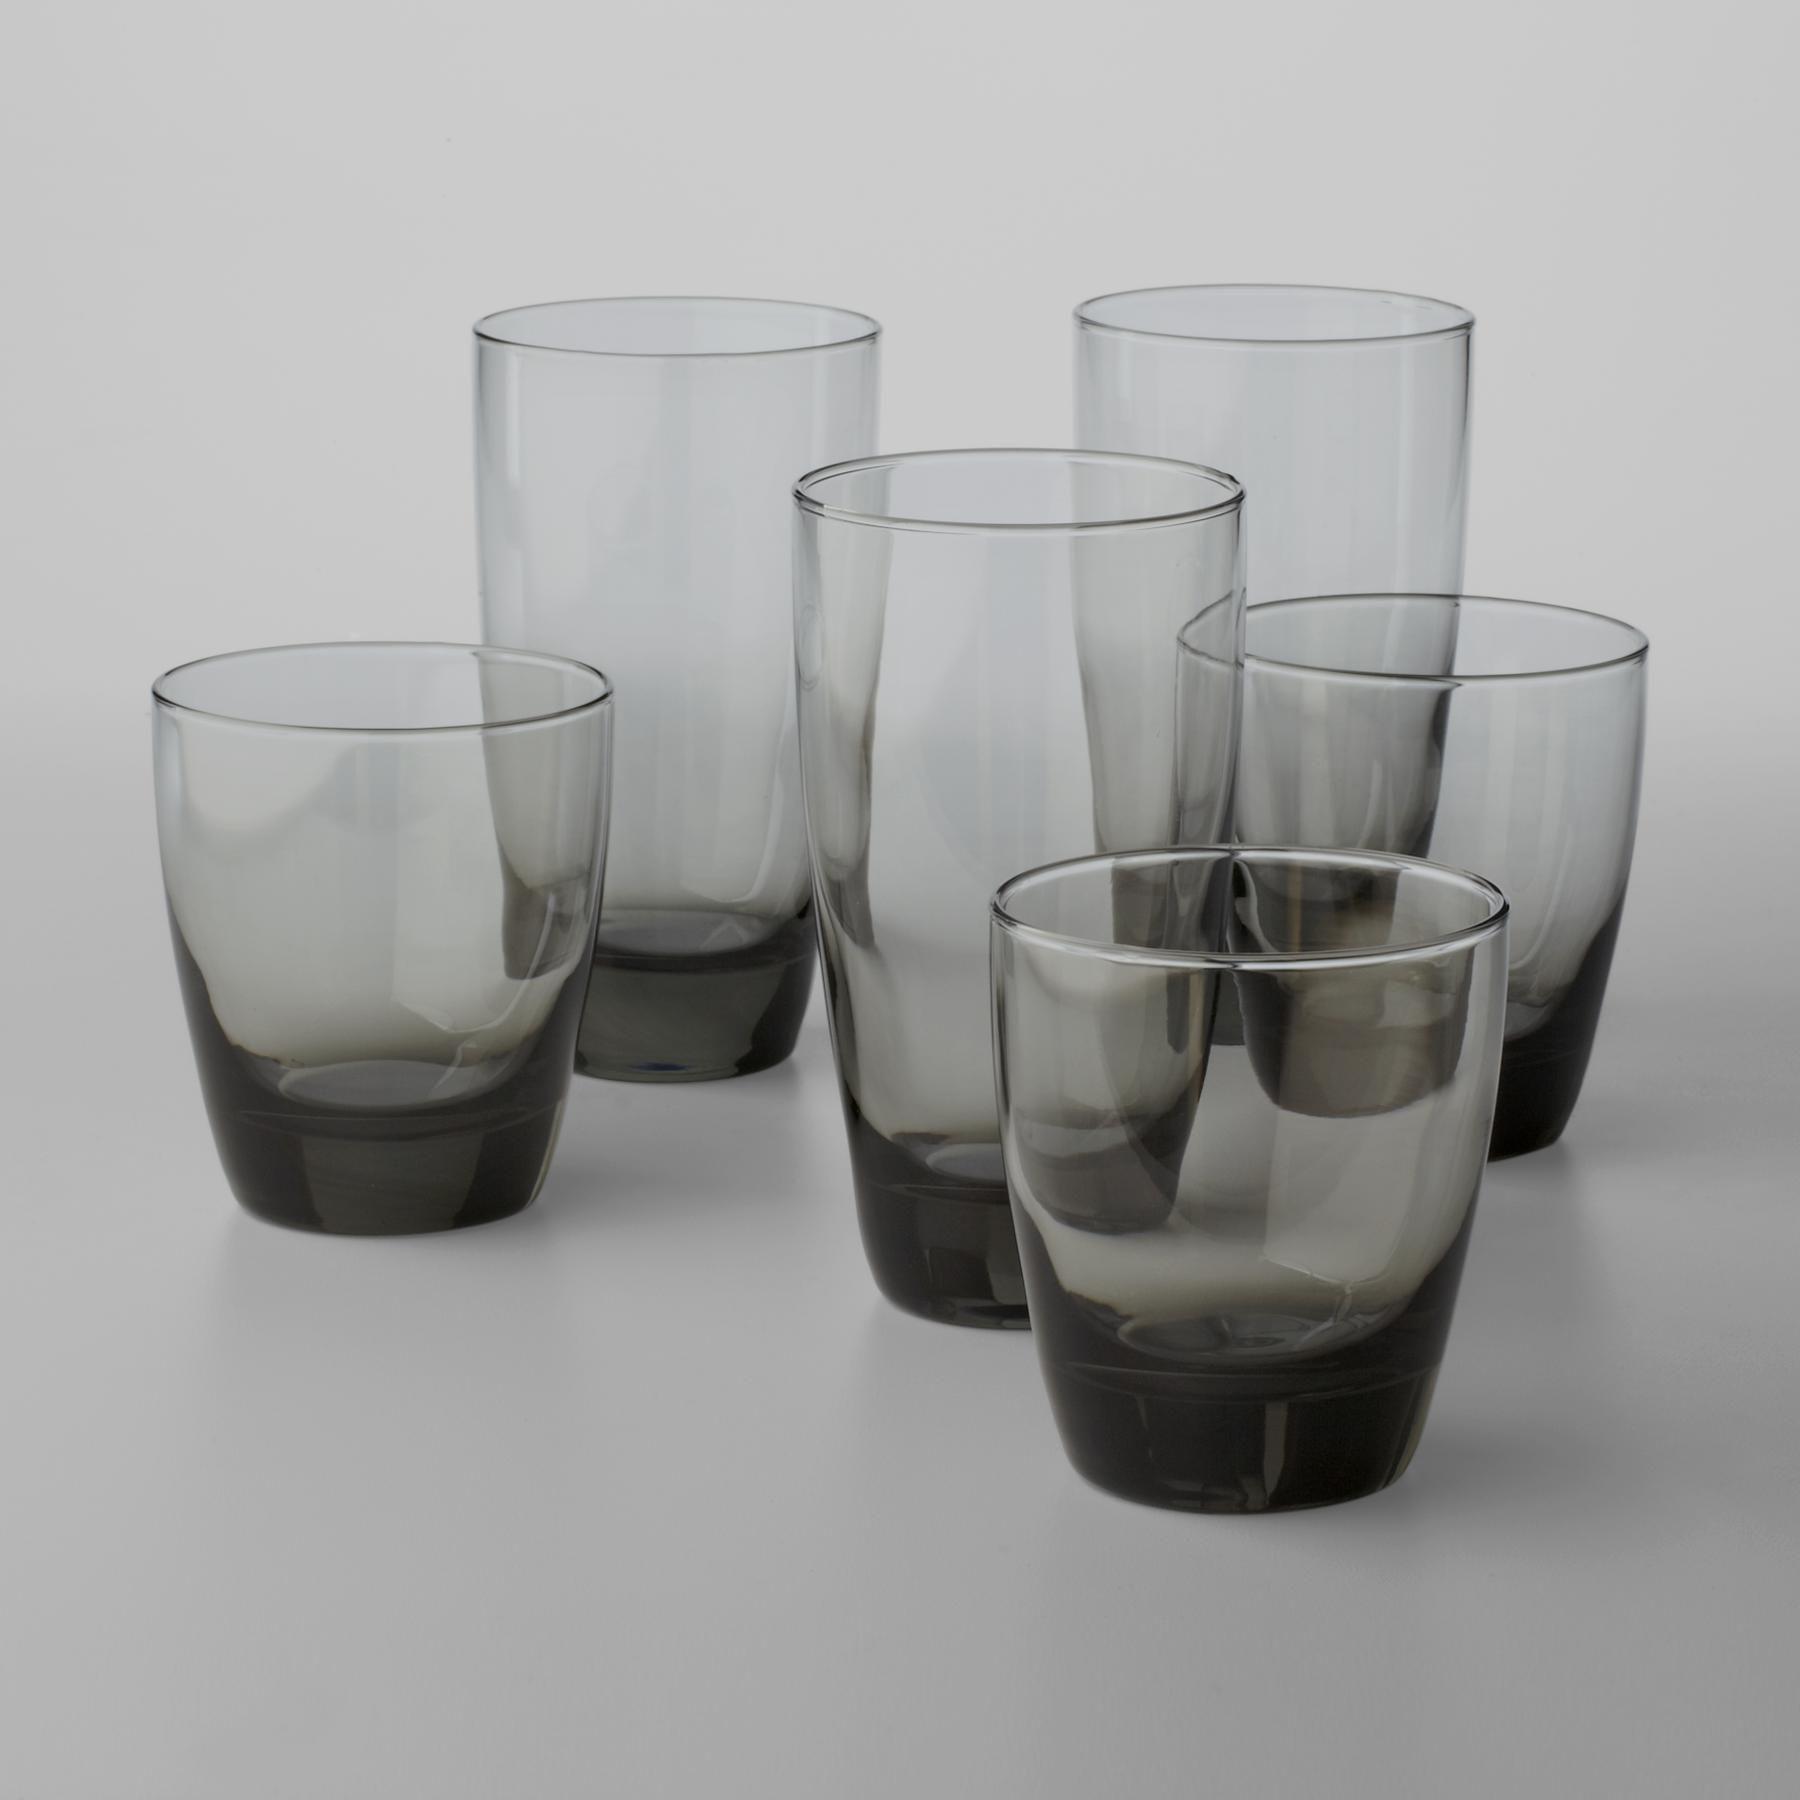 libbey classic smoke piece glassware set -